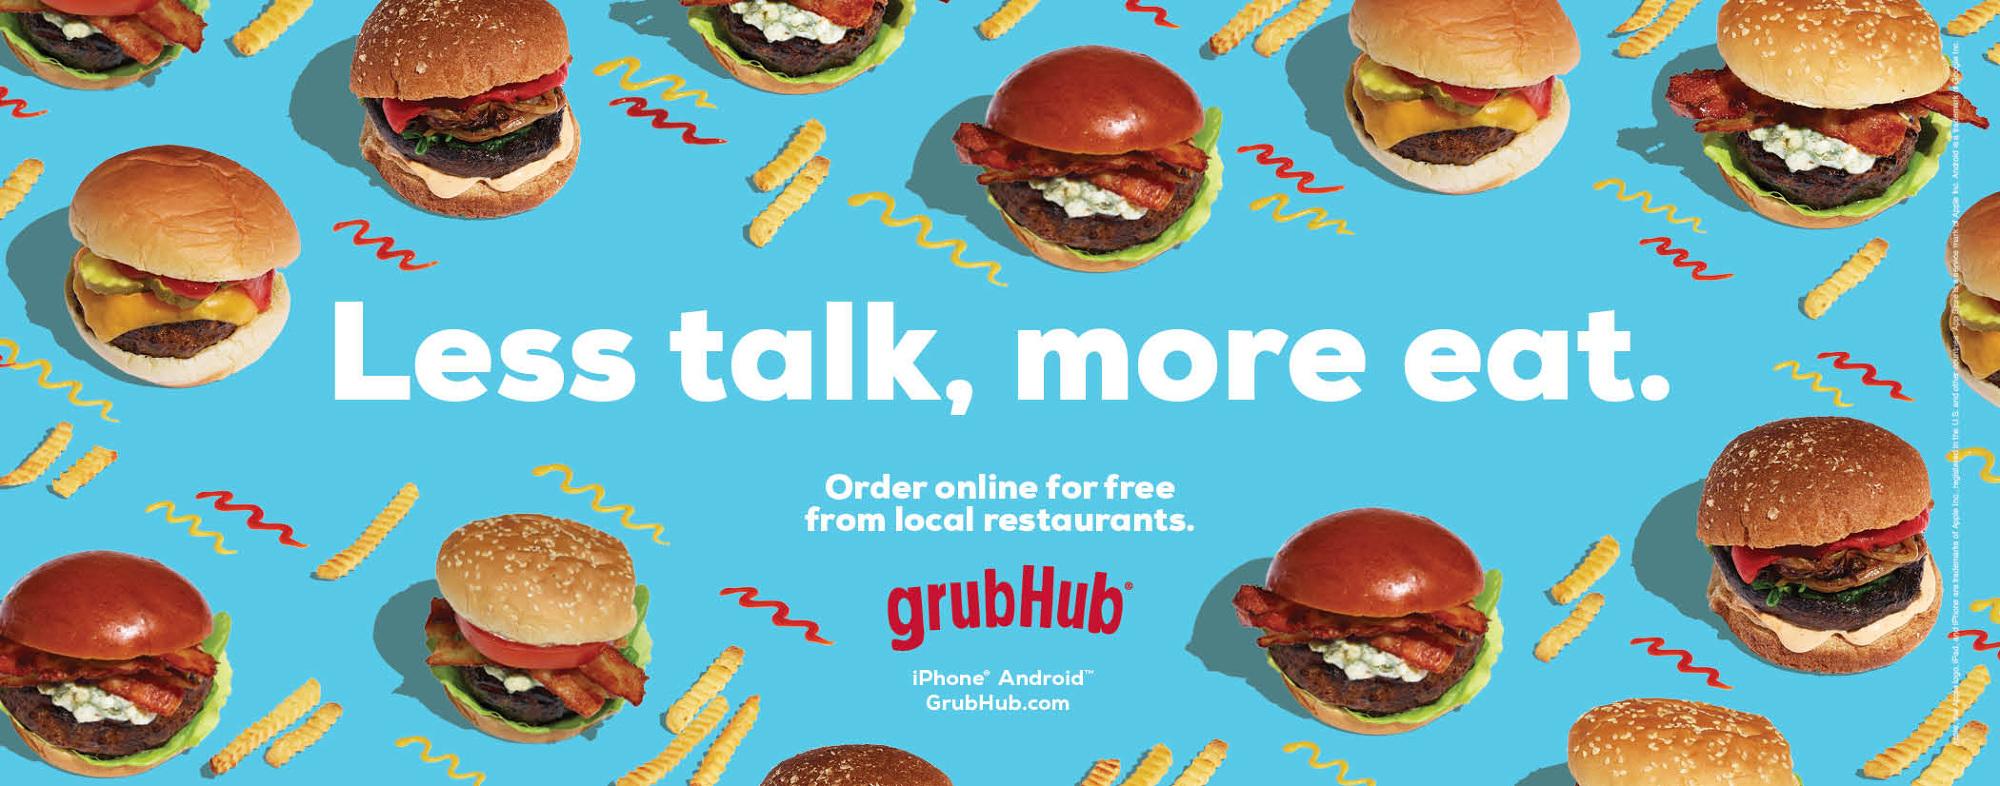 GrubHub Ads - egan